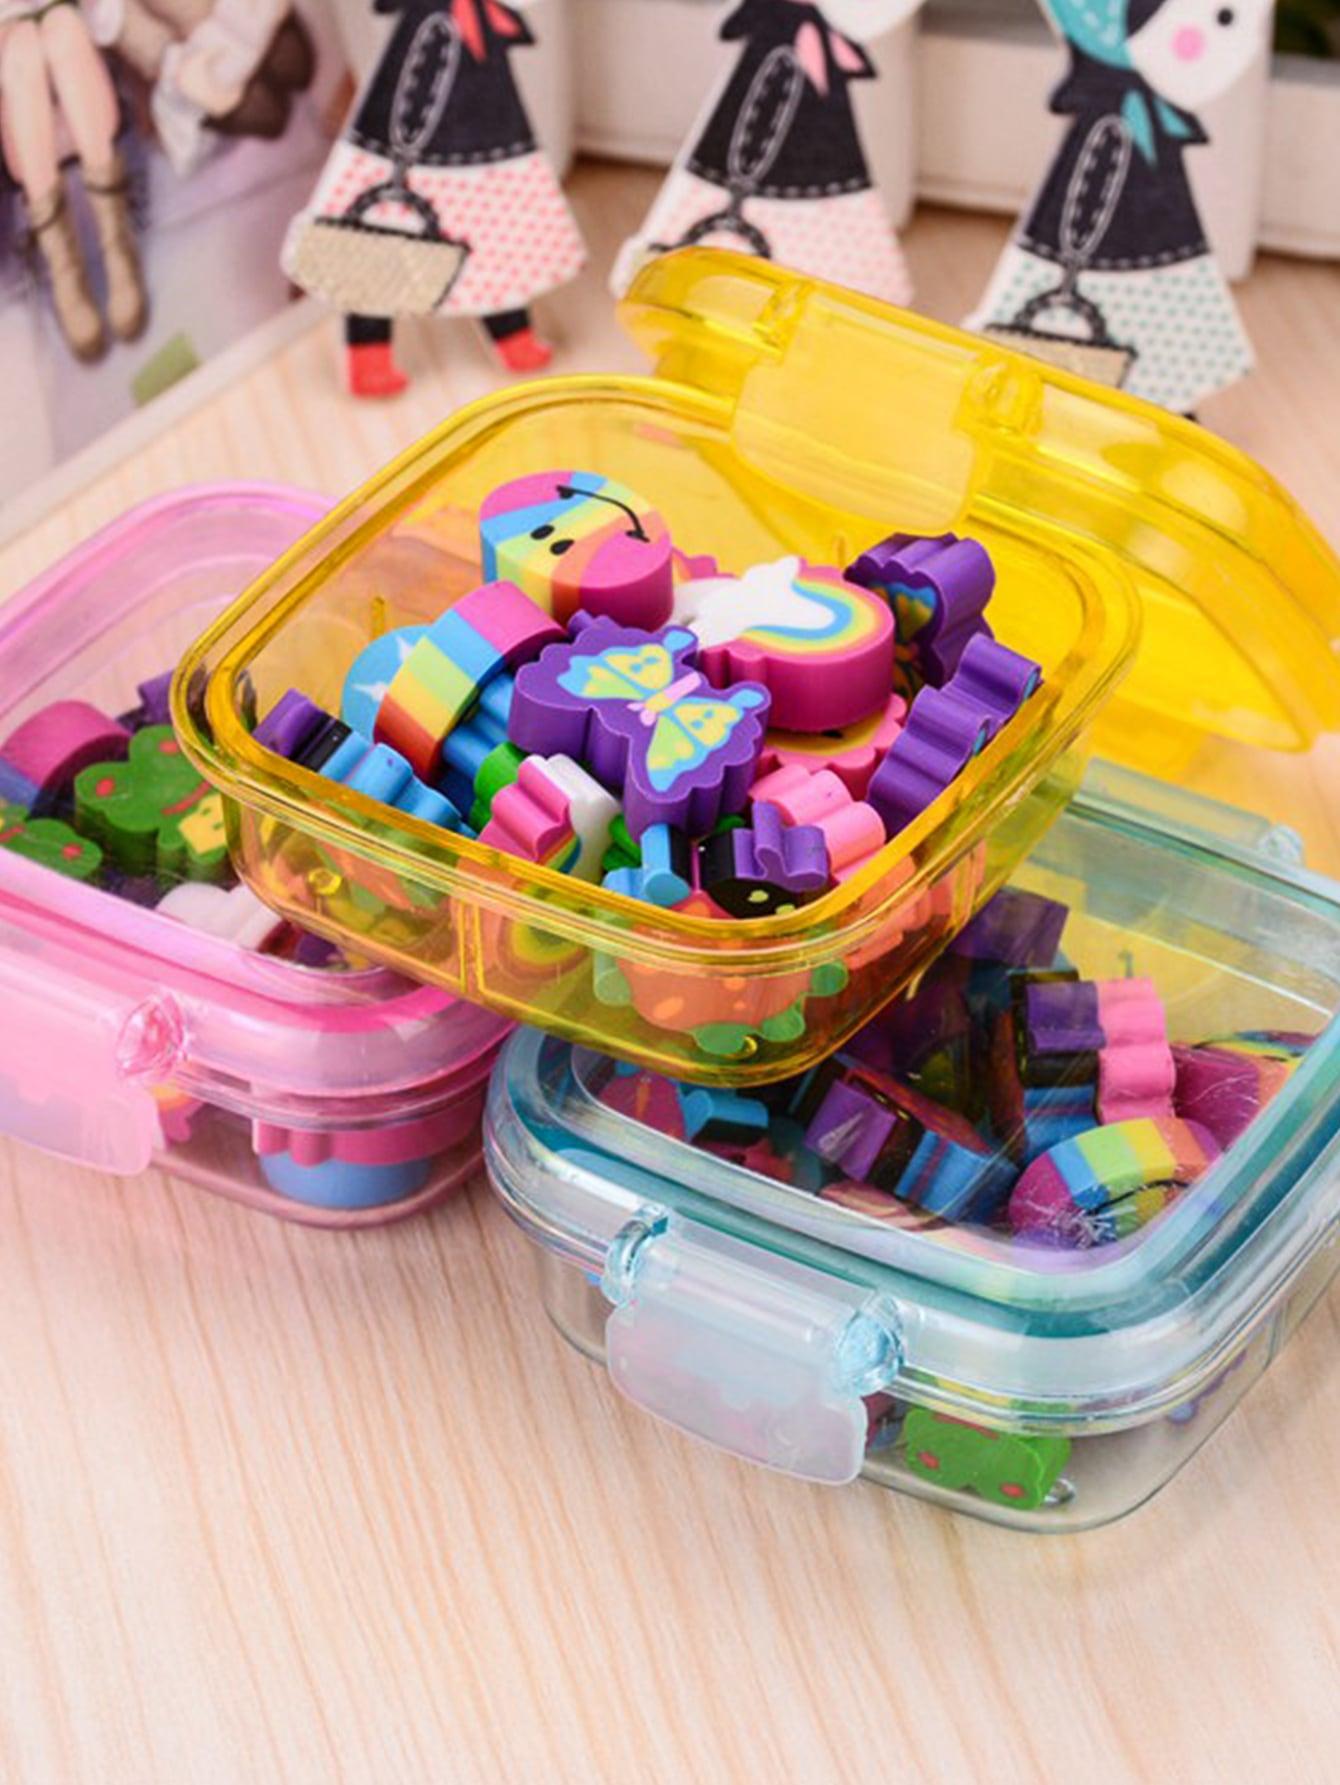 Купить Ластики в штучной упаковке расцветка произвольная 1pack, null, SheIn